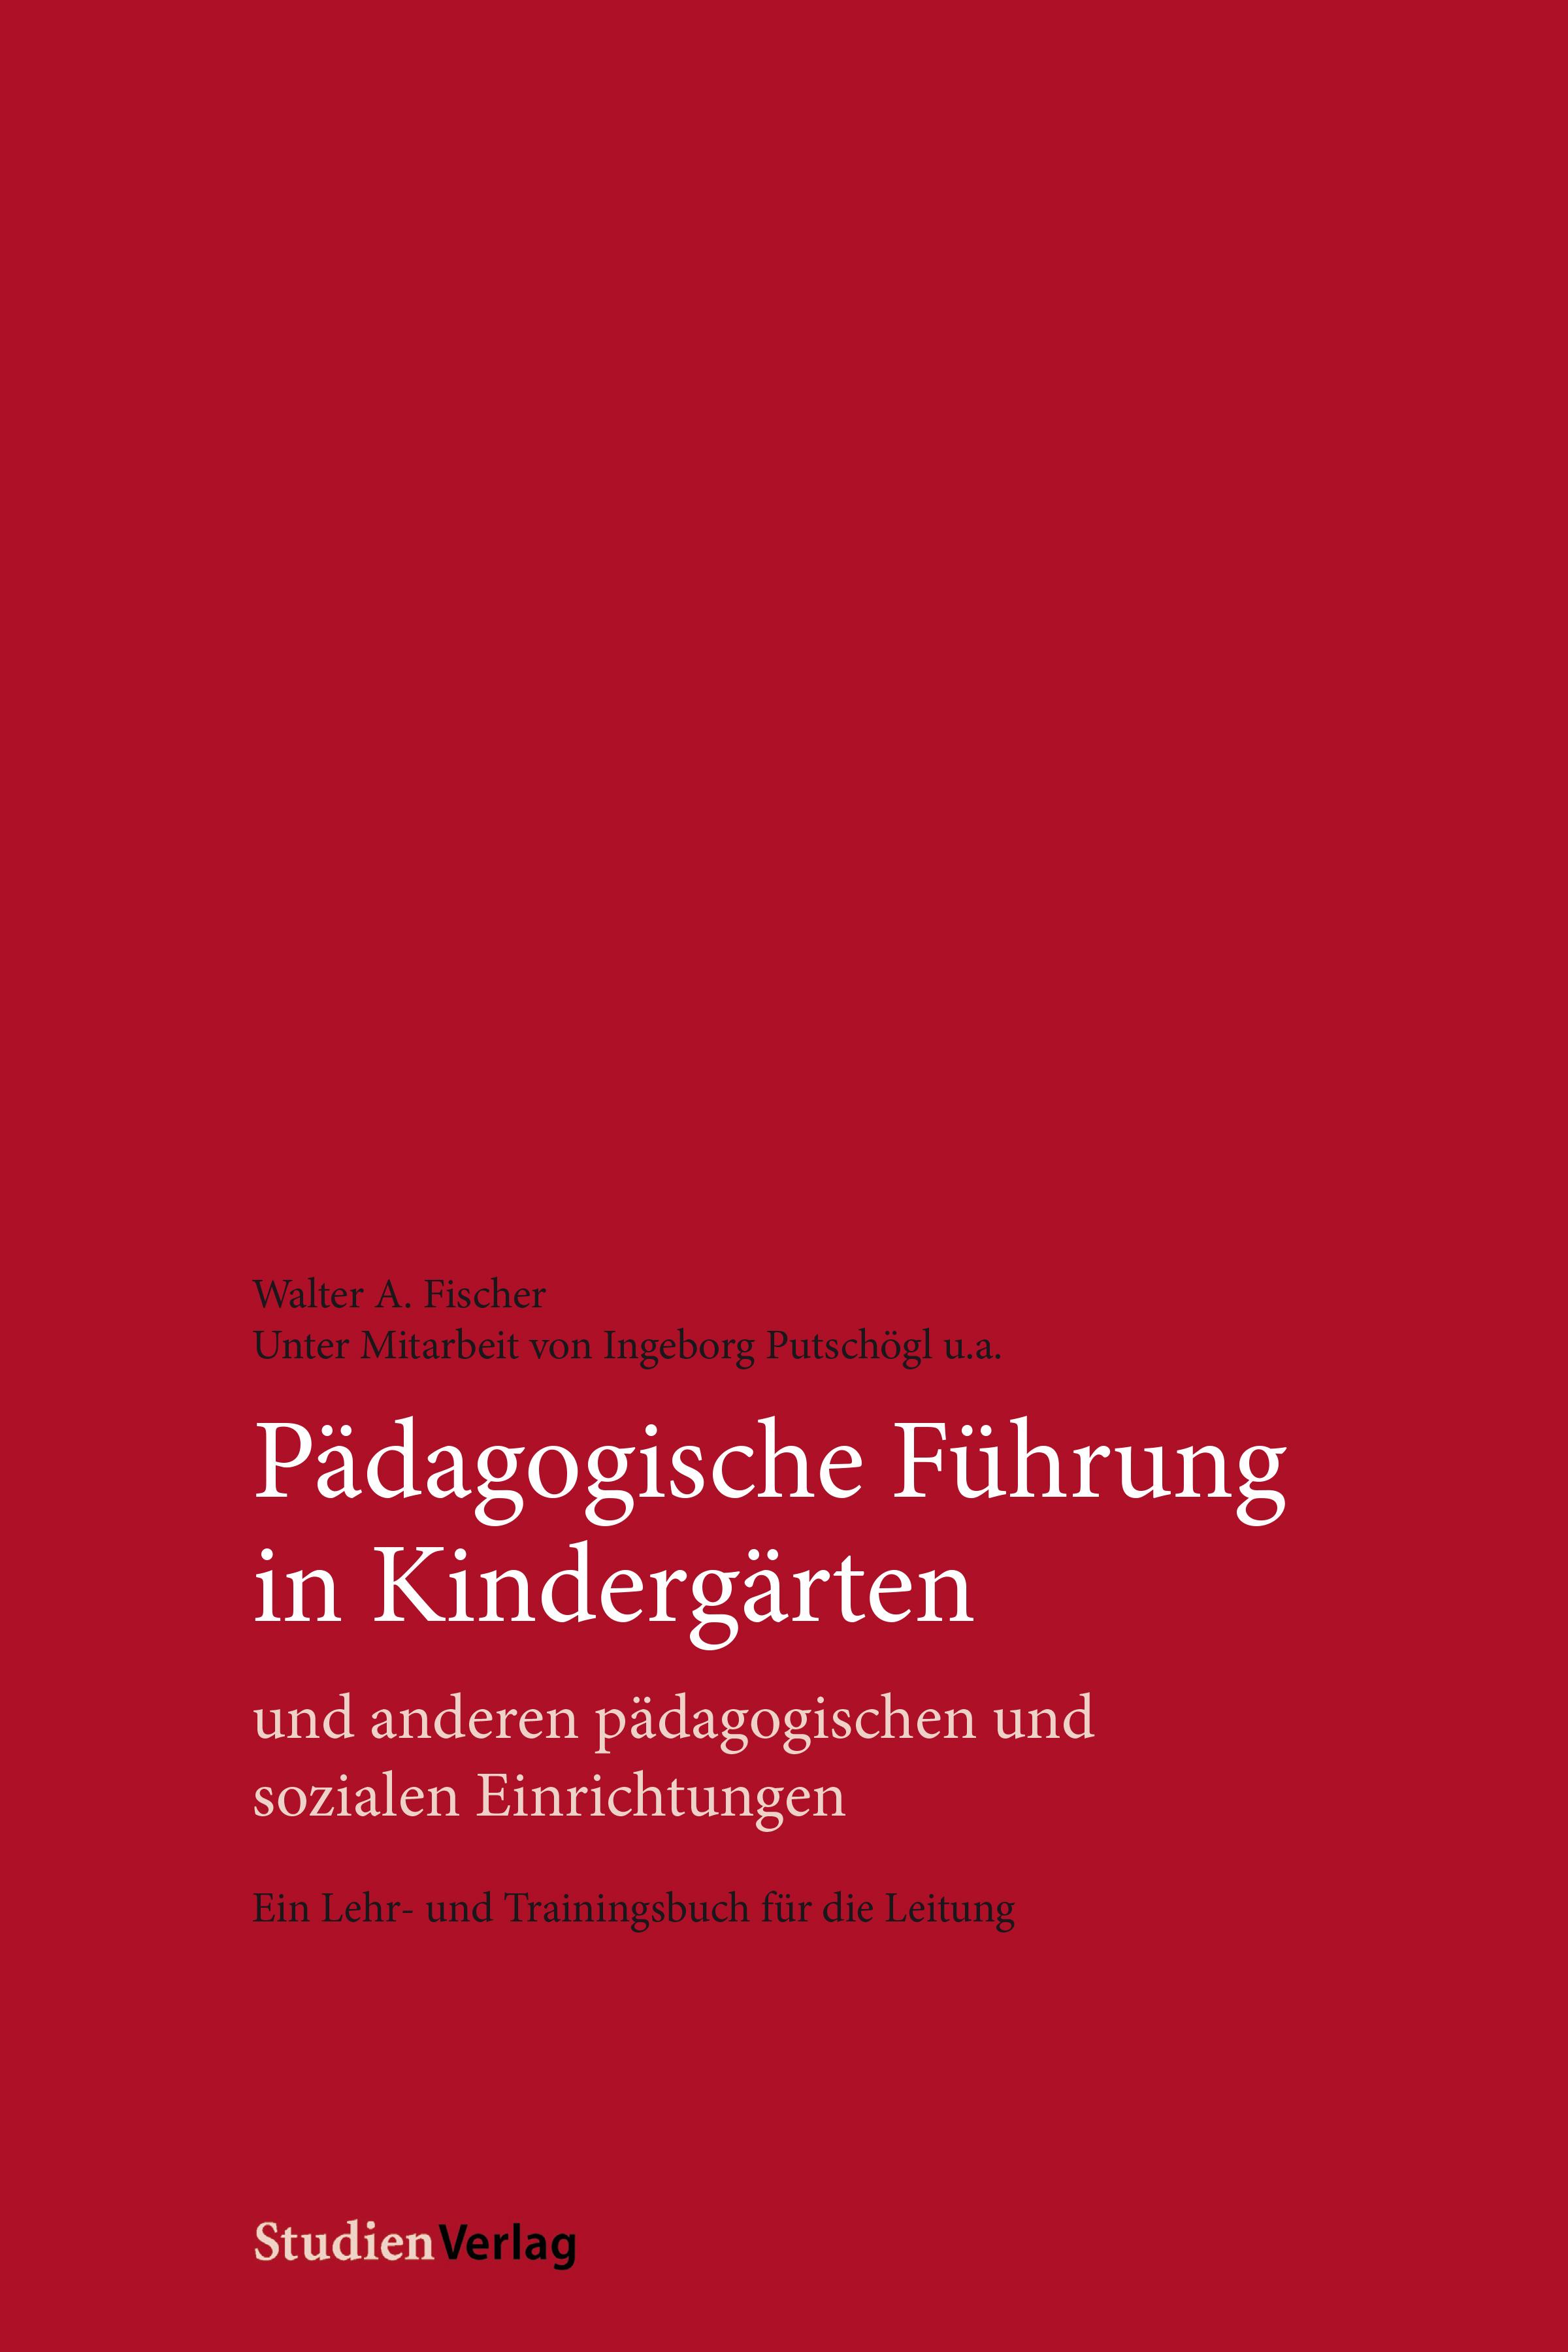 Walter A. Fischer Pädagogische Führung in Kindergärten und anderen pädagogischen und sozialen Einrichtungen